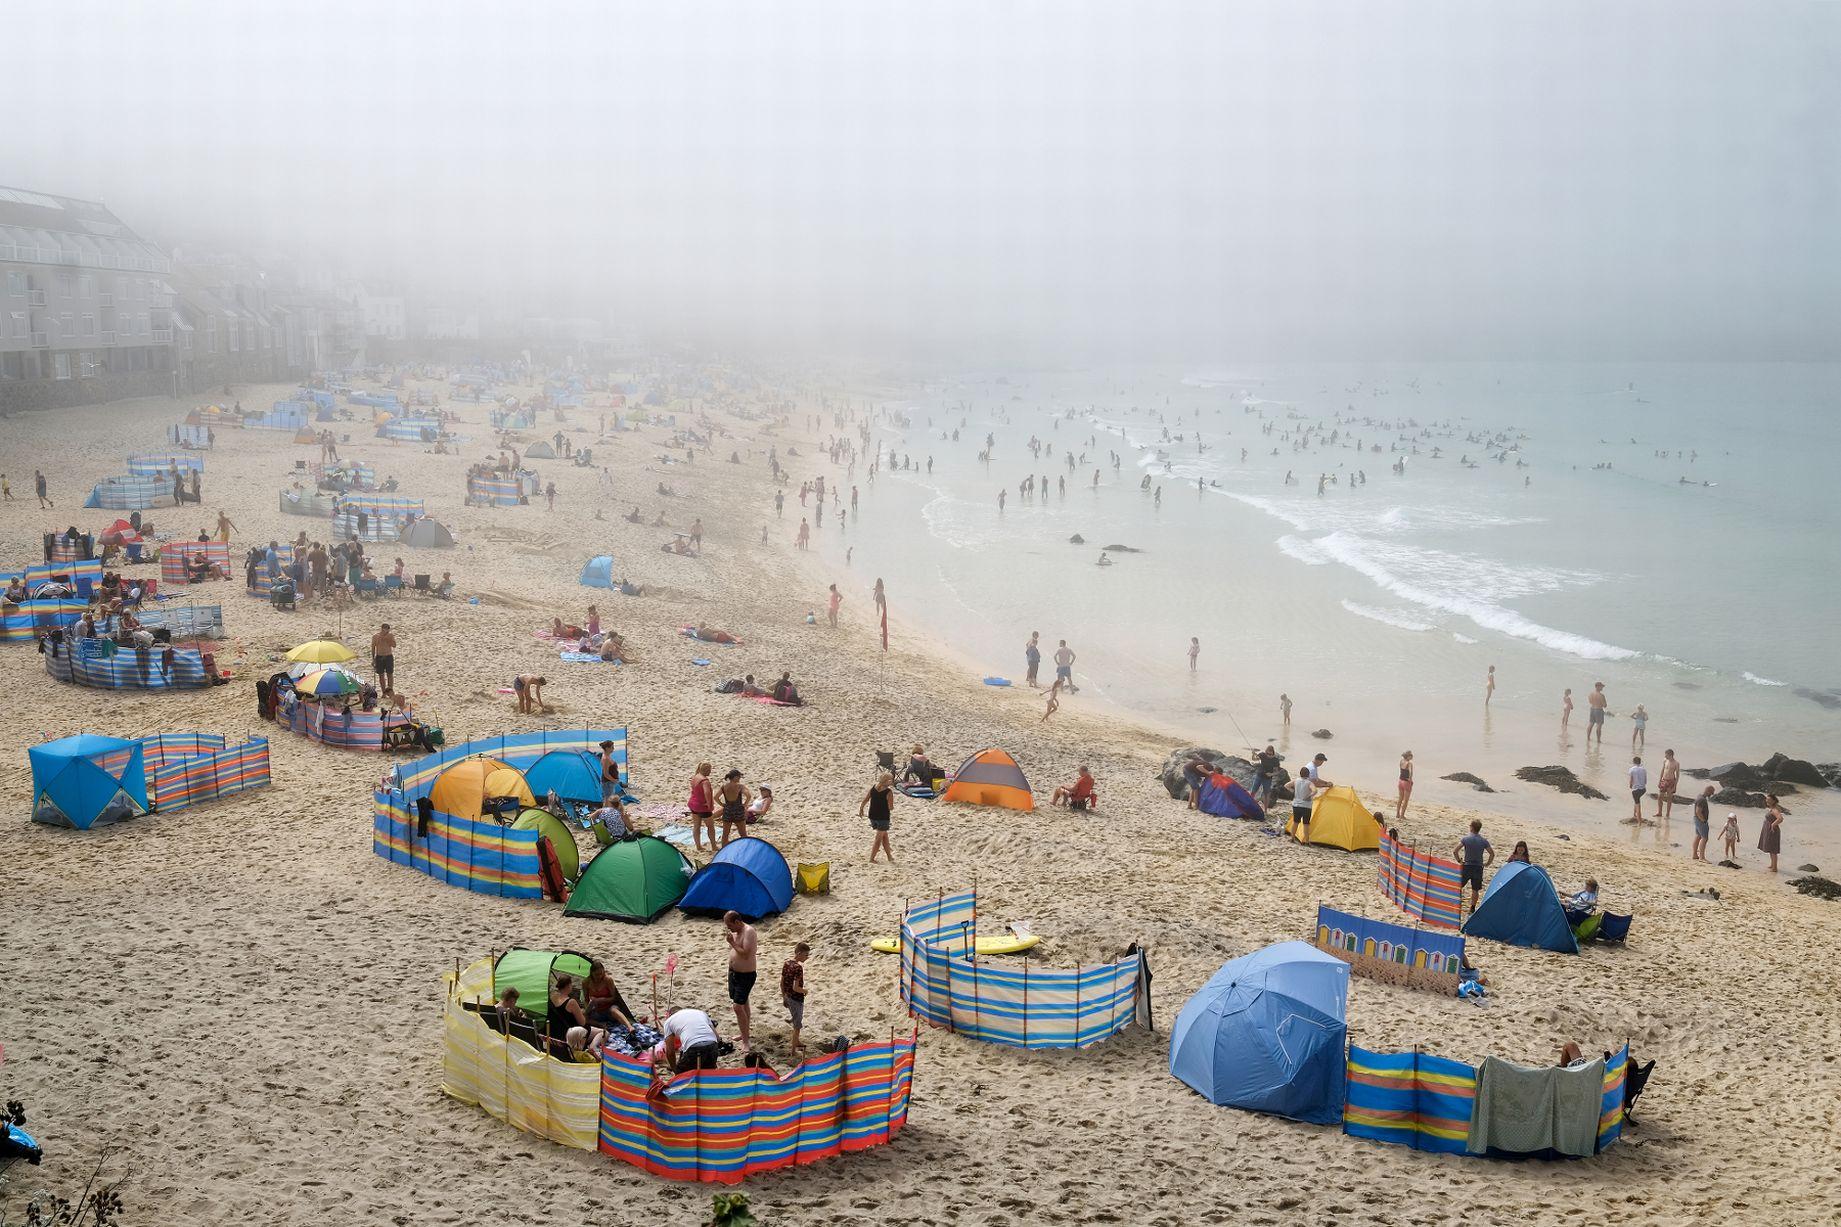 Mist over Porthmeor Beach on a foggy day in Cornwall